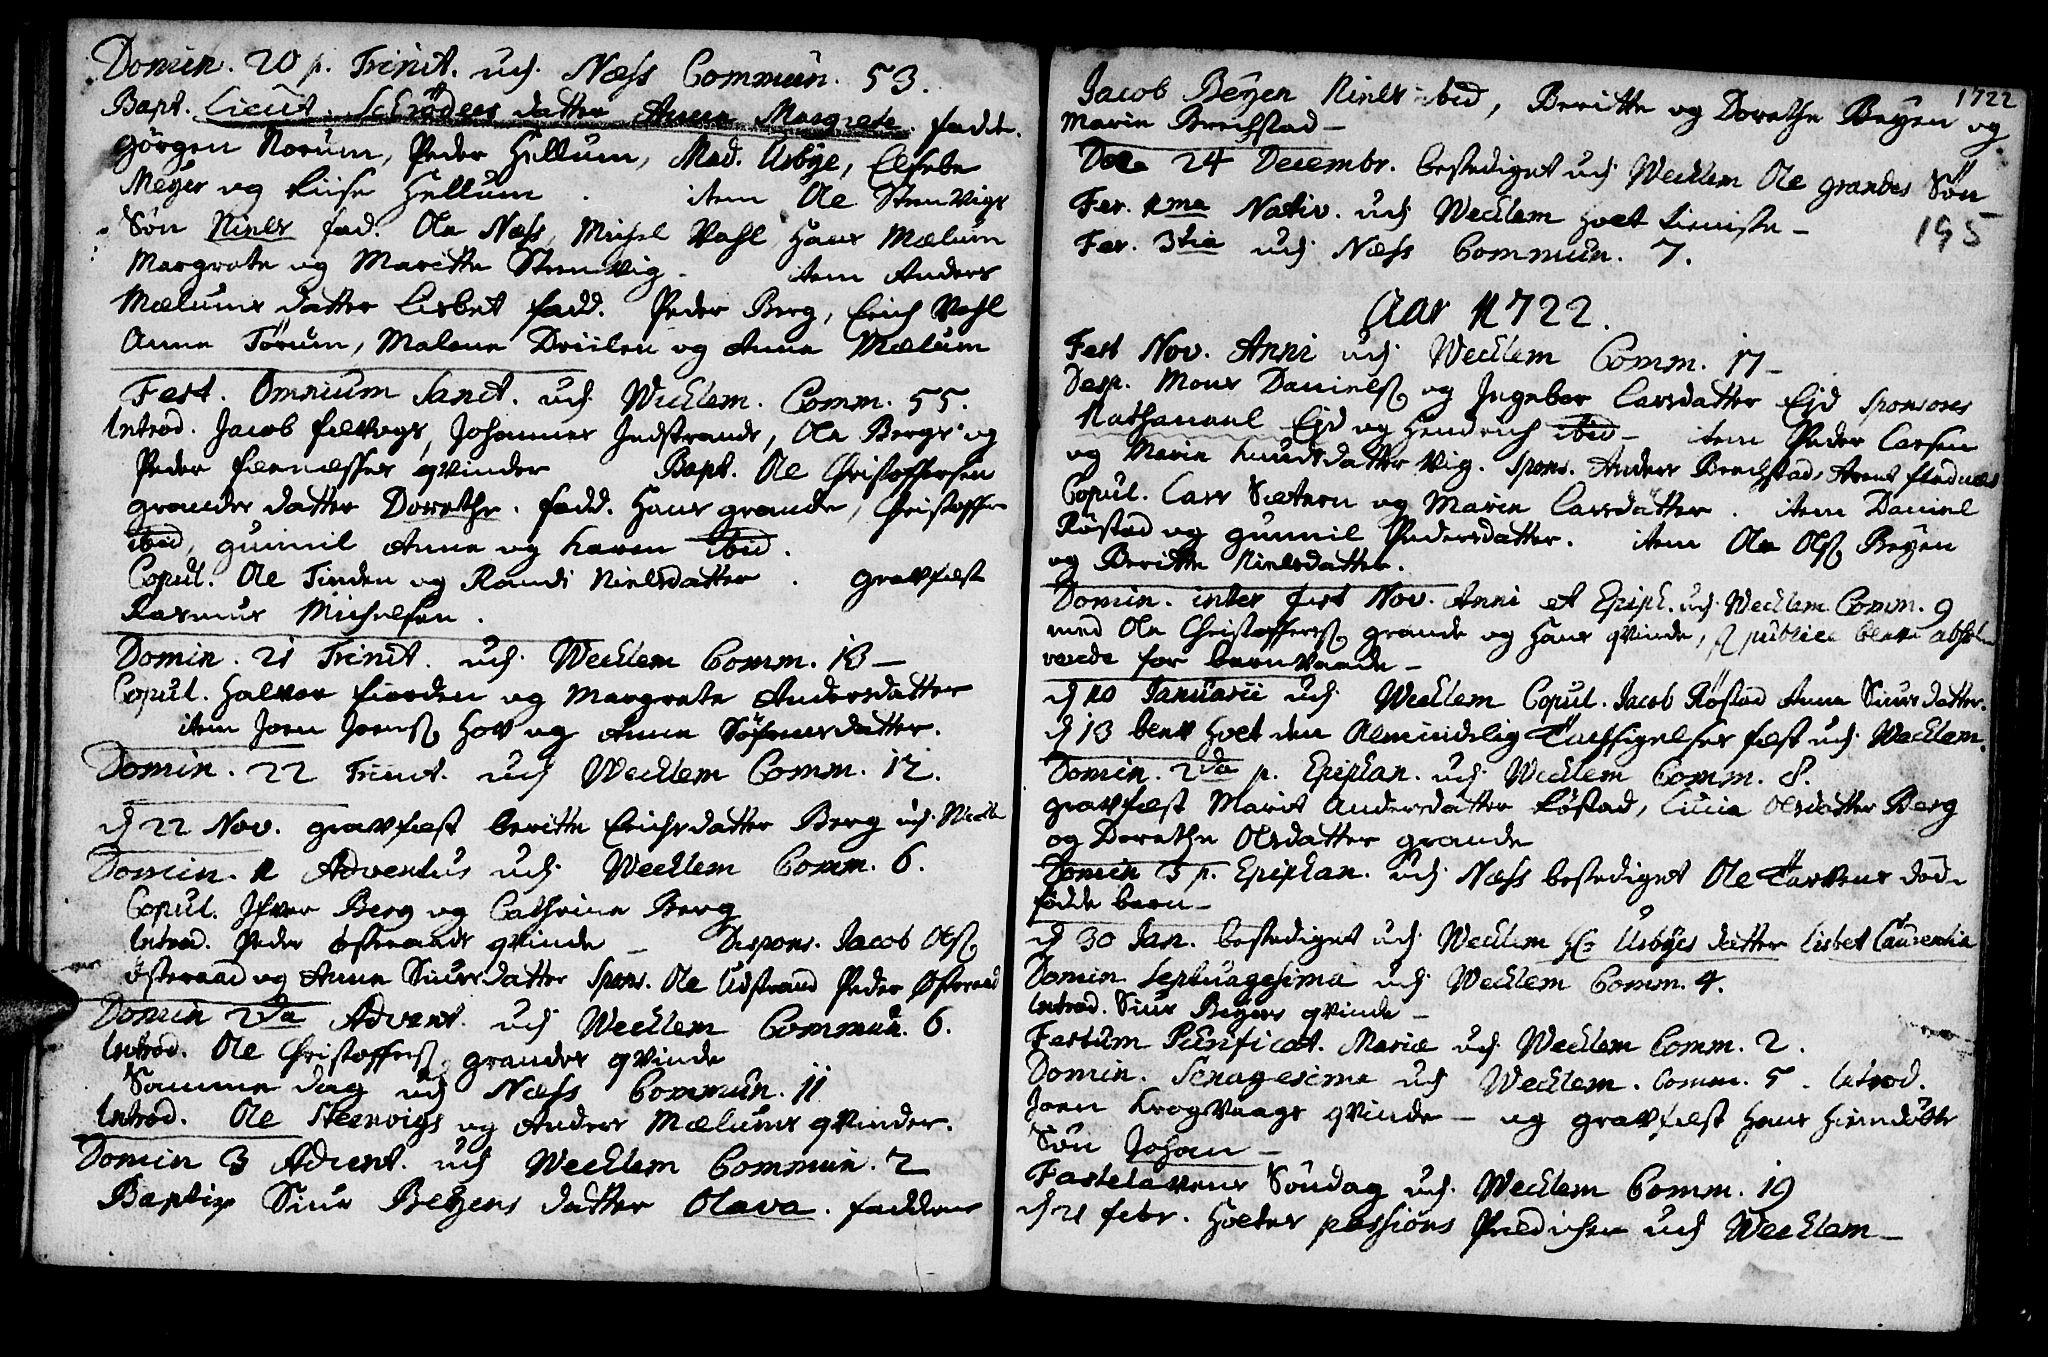 SAT, Ministerialprotokoller, klokkerbøker og fødselsregistre - Sør-Trøndelag, 659/L0731: Ministerialbok nr. 659A01, 1709-1731, s. 194-195